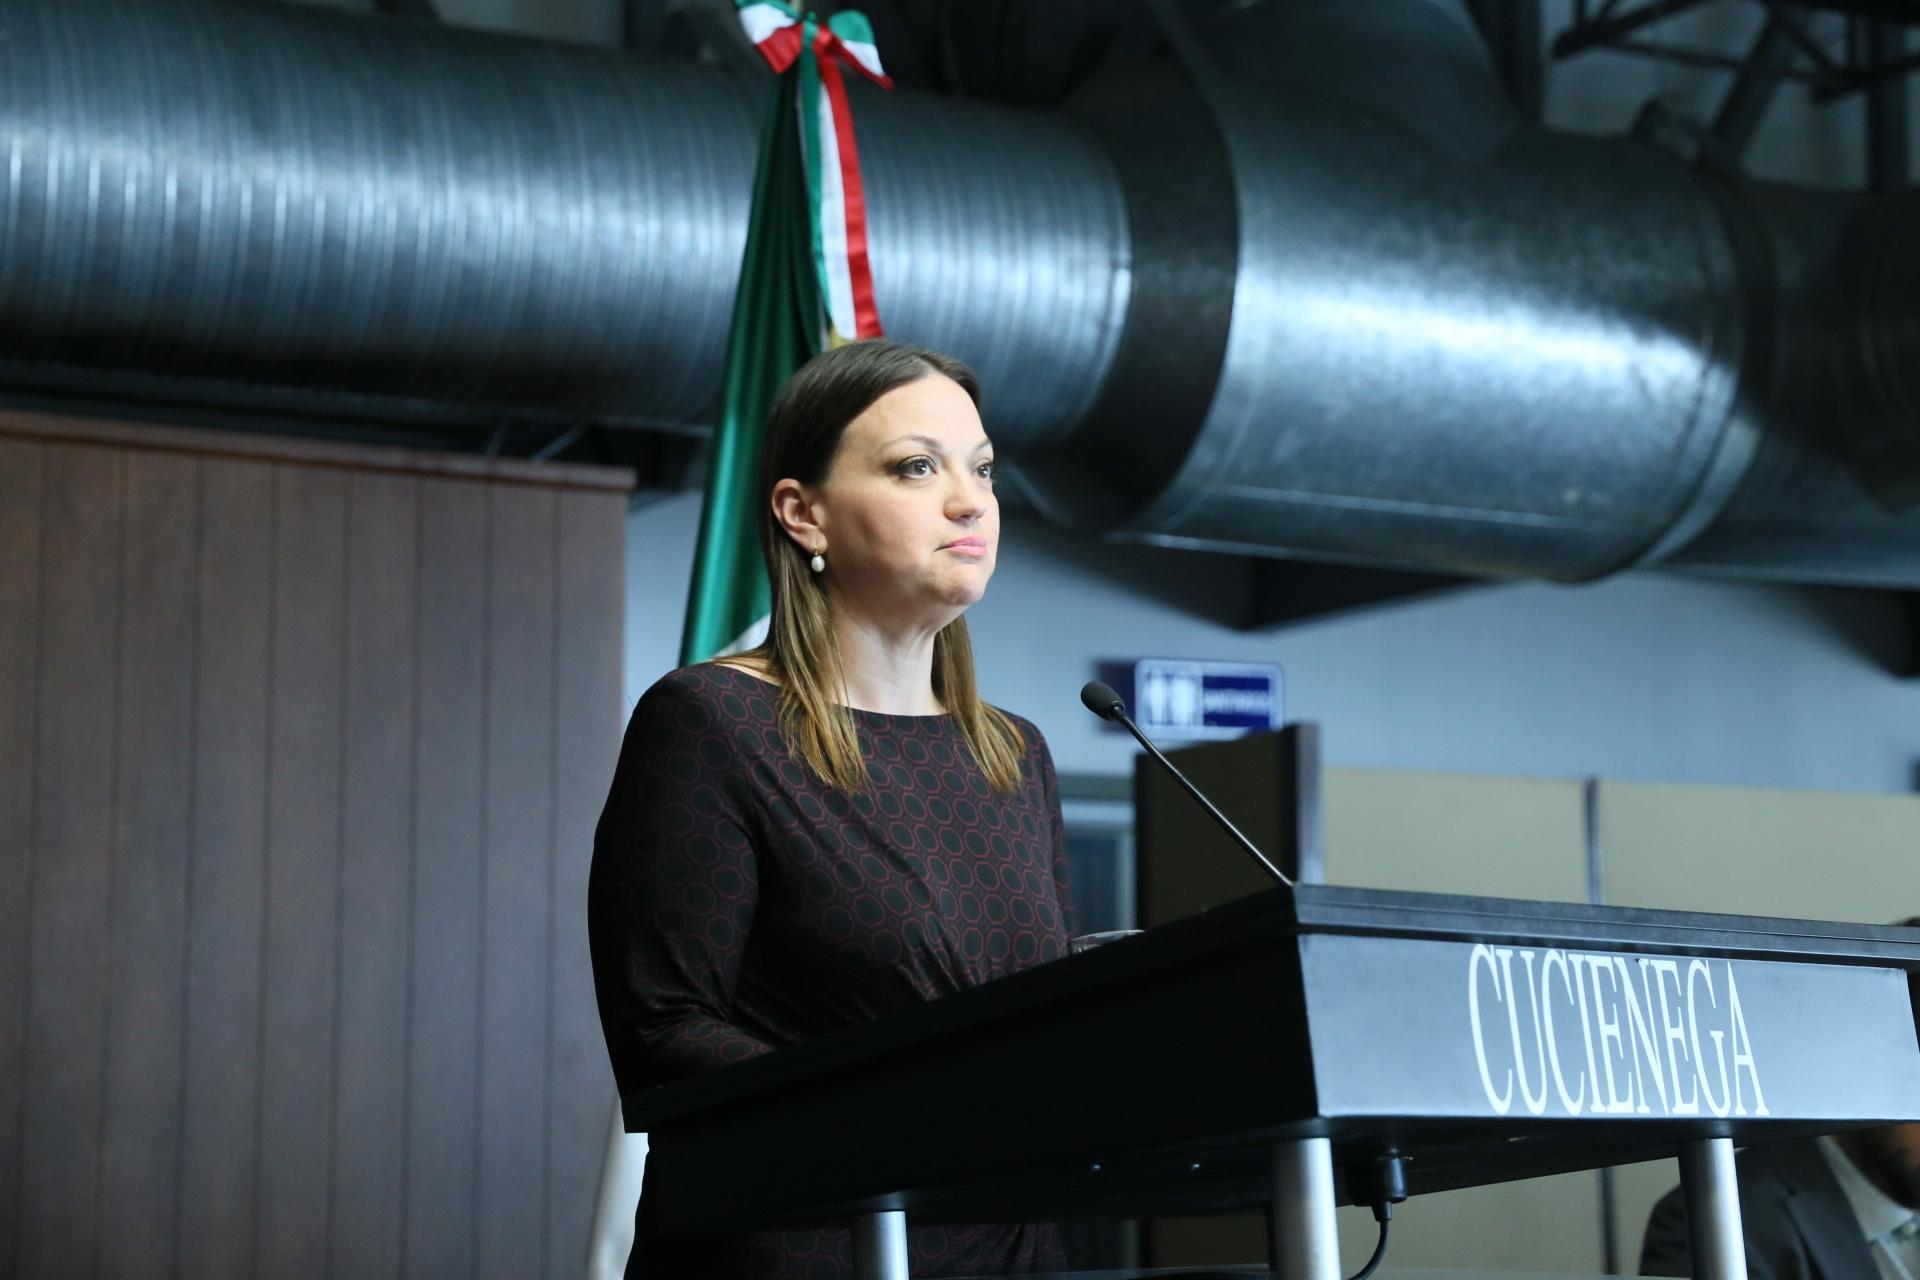 Mtra. María Felicitas Parga Jiménez Rectora del CUCienega